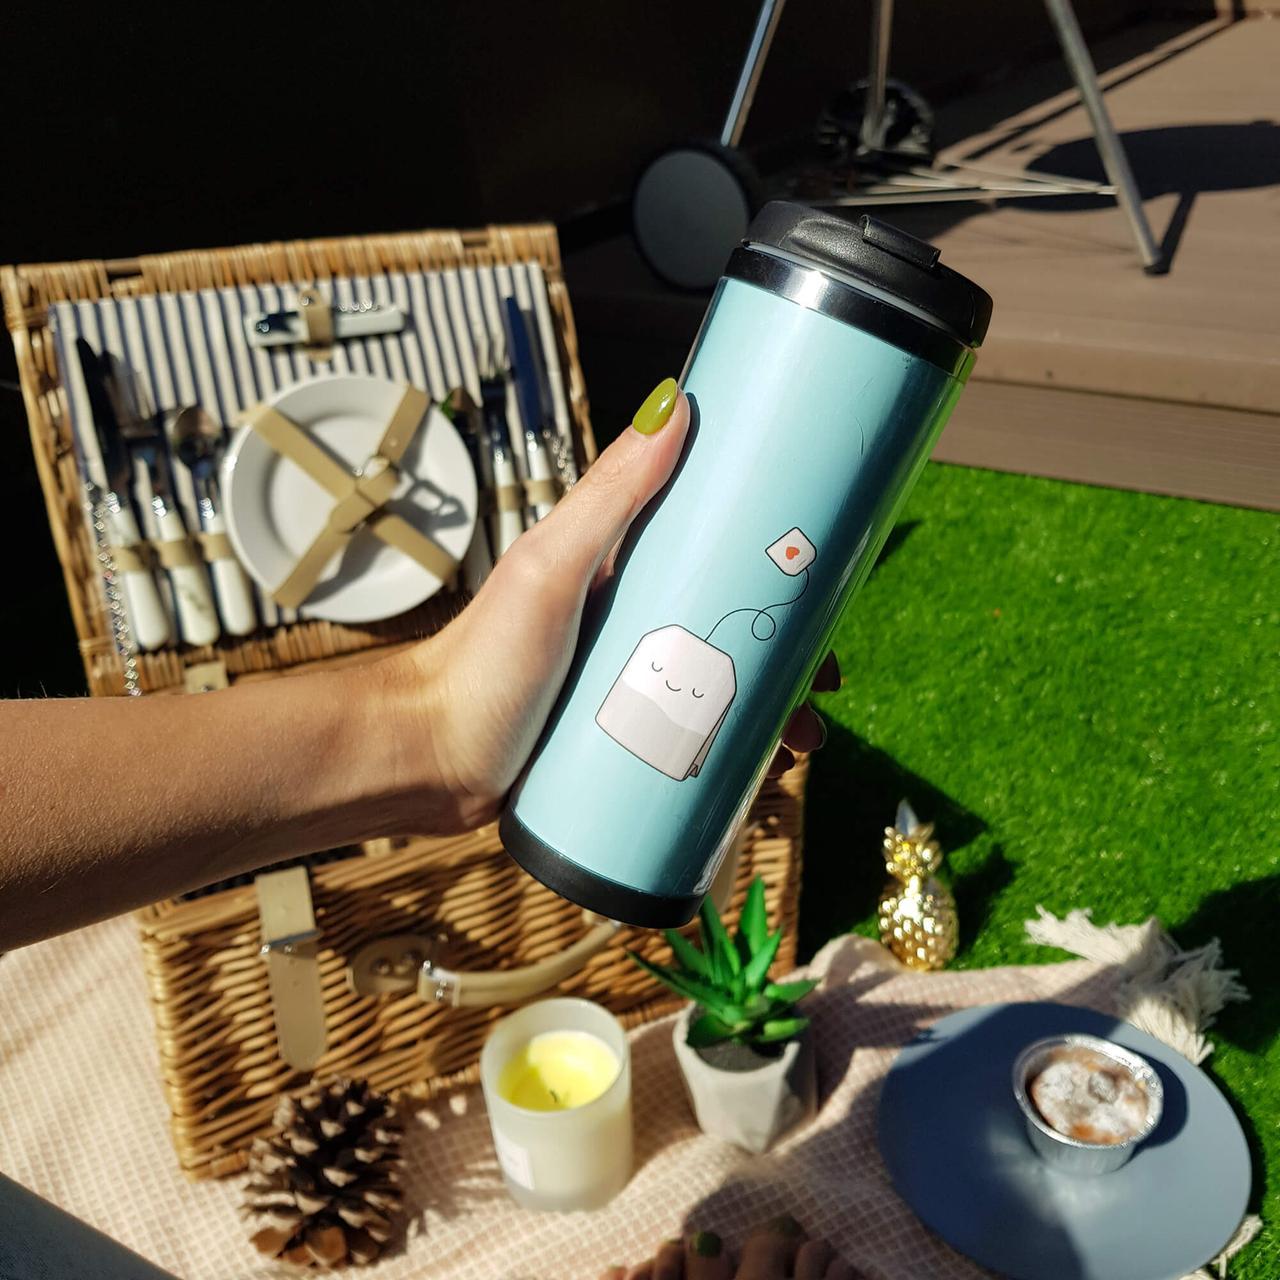 Термокружка ZIZ з малюнком Чайок, термос, термочашку з кришкою, термочашка непроливайка 380 мл